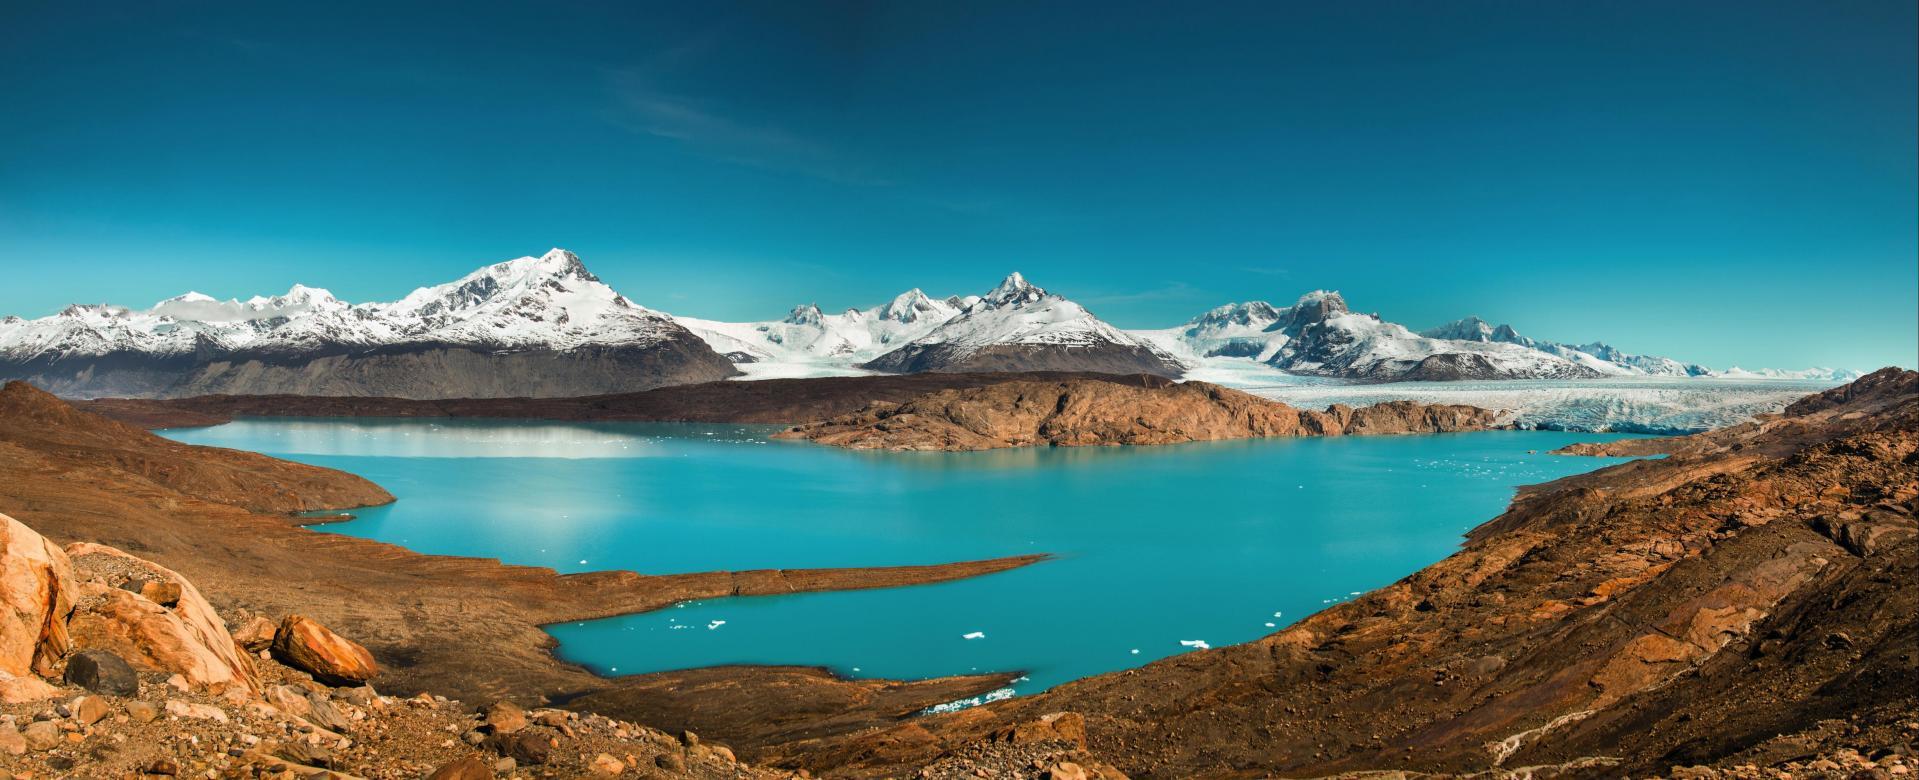 Voyage à pied : De la terre de feu à la patagonie